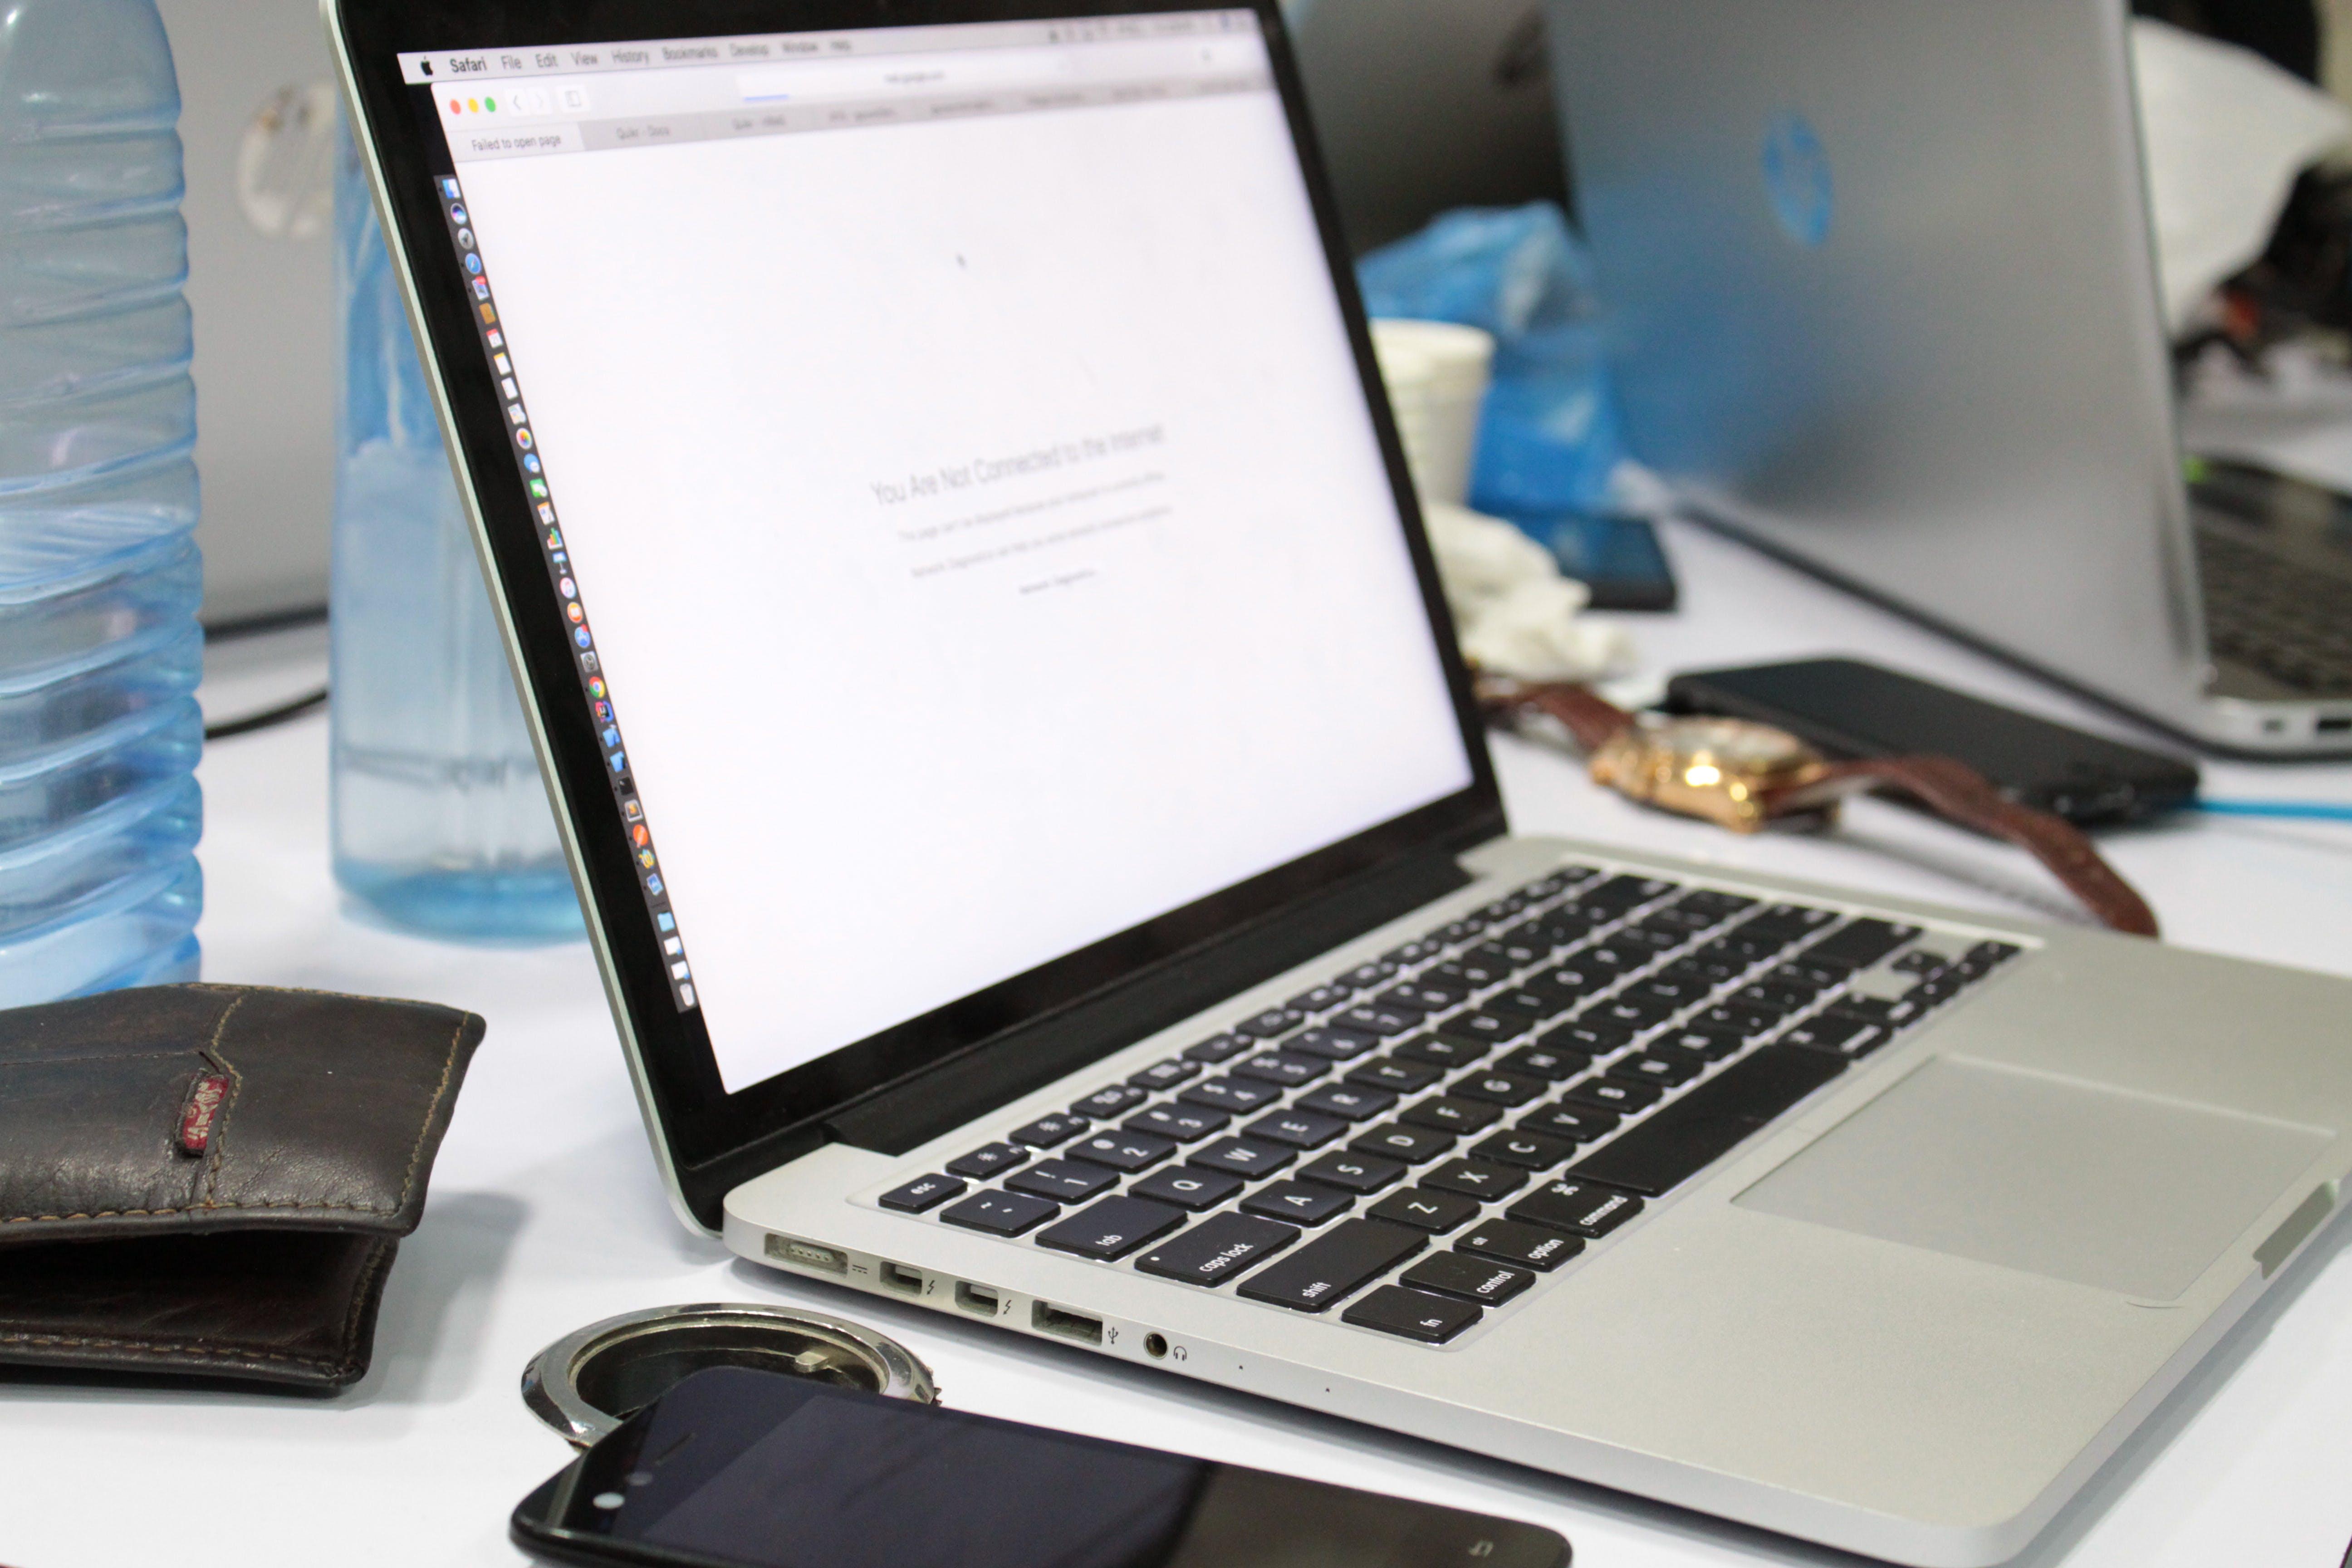 apple, apple keyboard, business